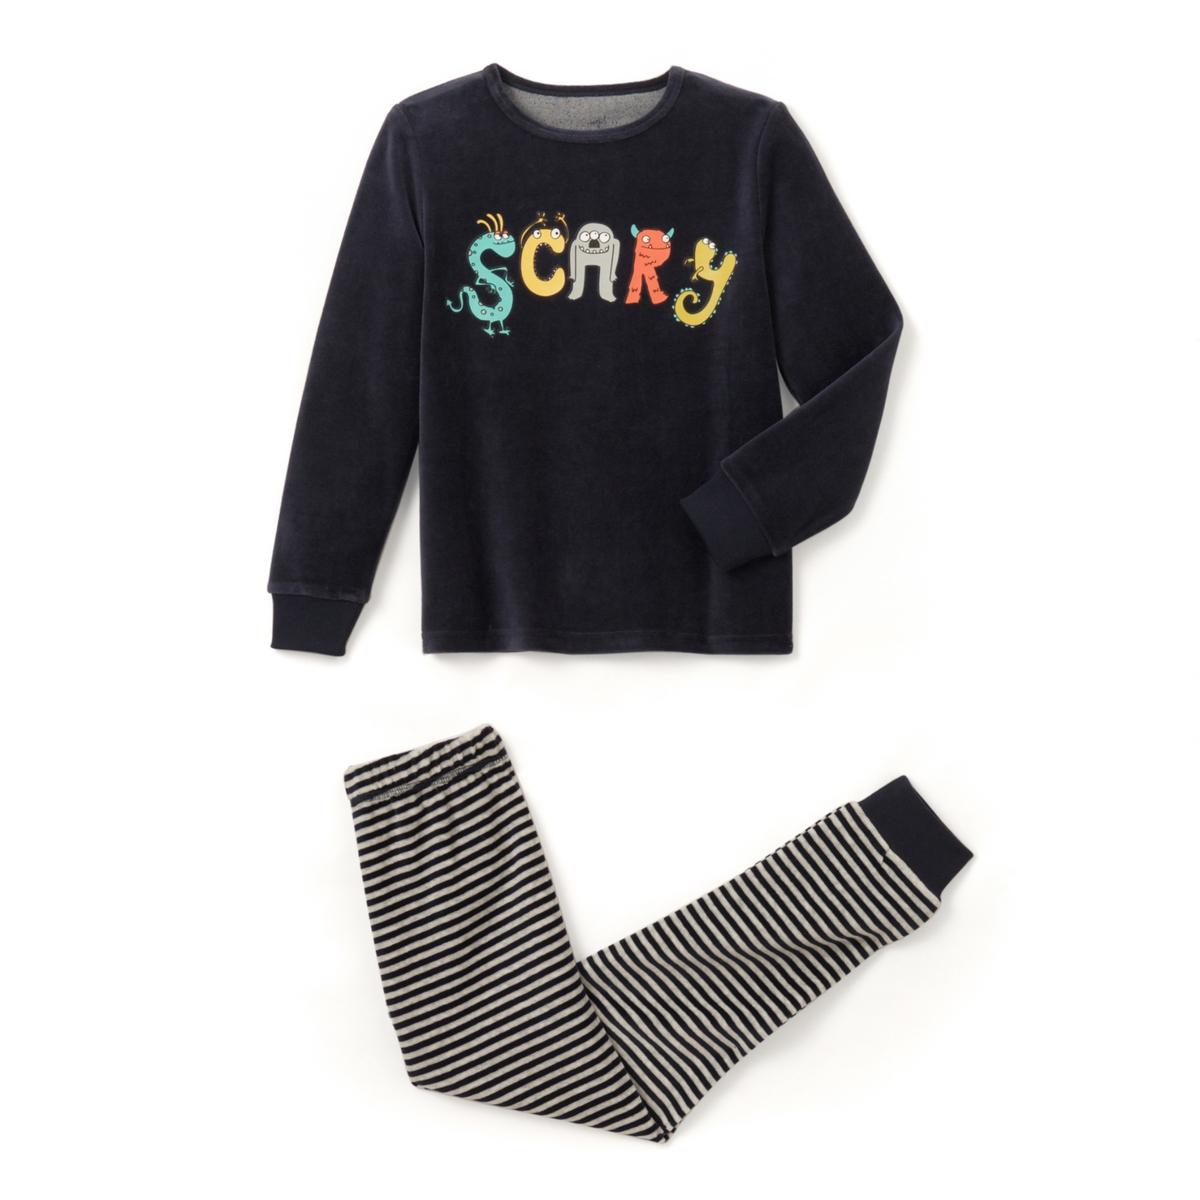 Пижама из велюра с принтом ''scary'' 2-12 лет